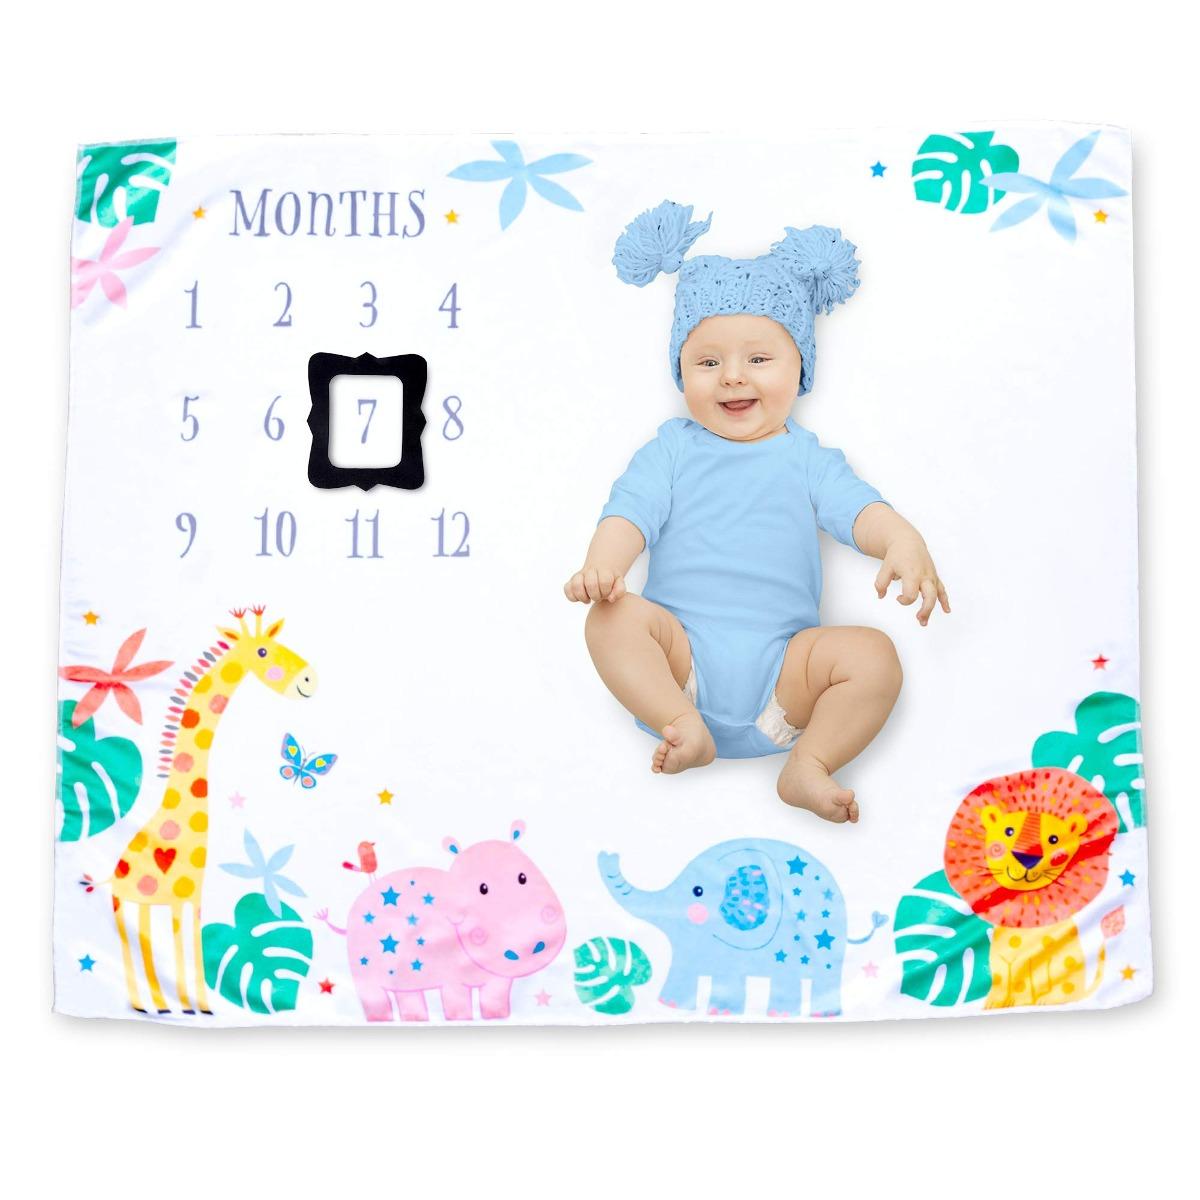 Capullo Infantil Baby Mensual Hito Manta Fotografía Fondo - U$S 42 ...